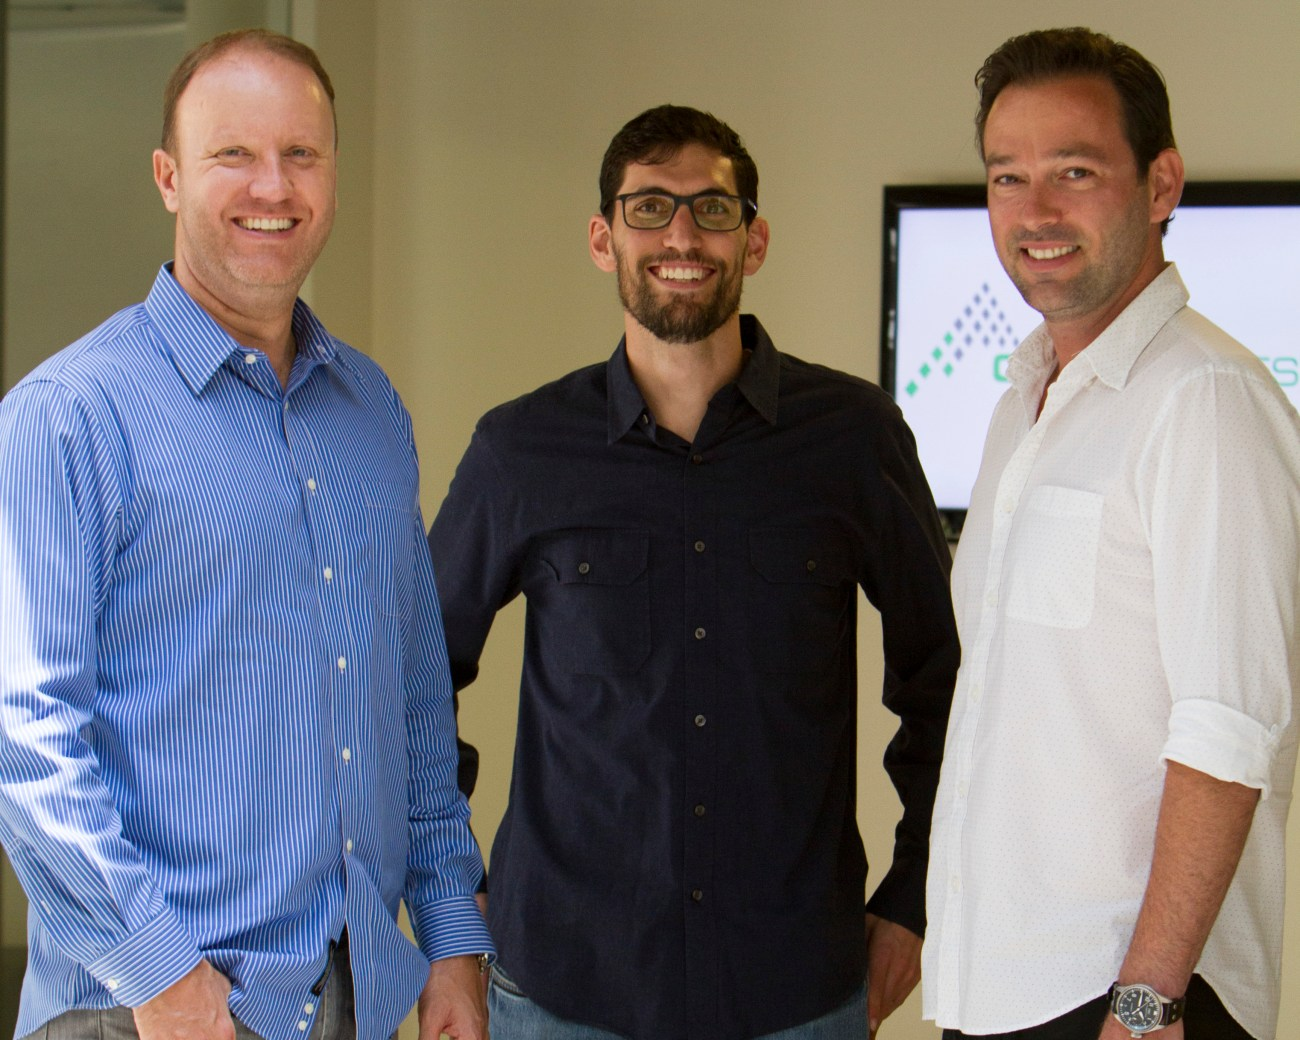 Crowd Invest Summit founders: Darren Marble, Alon Goren and Josef Holm